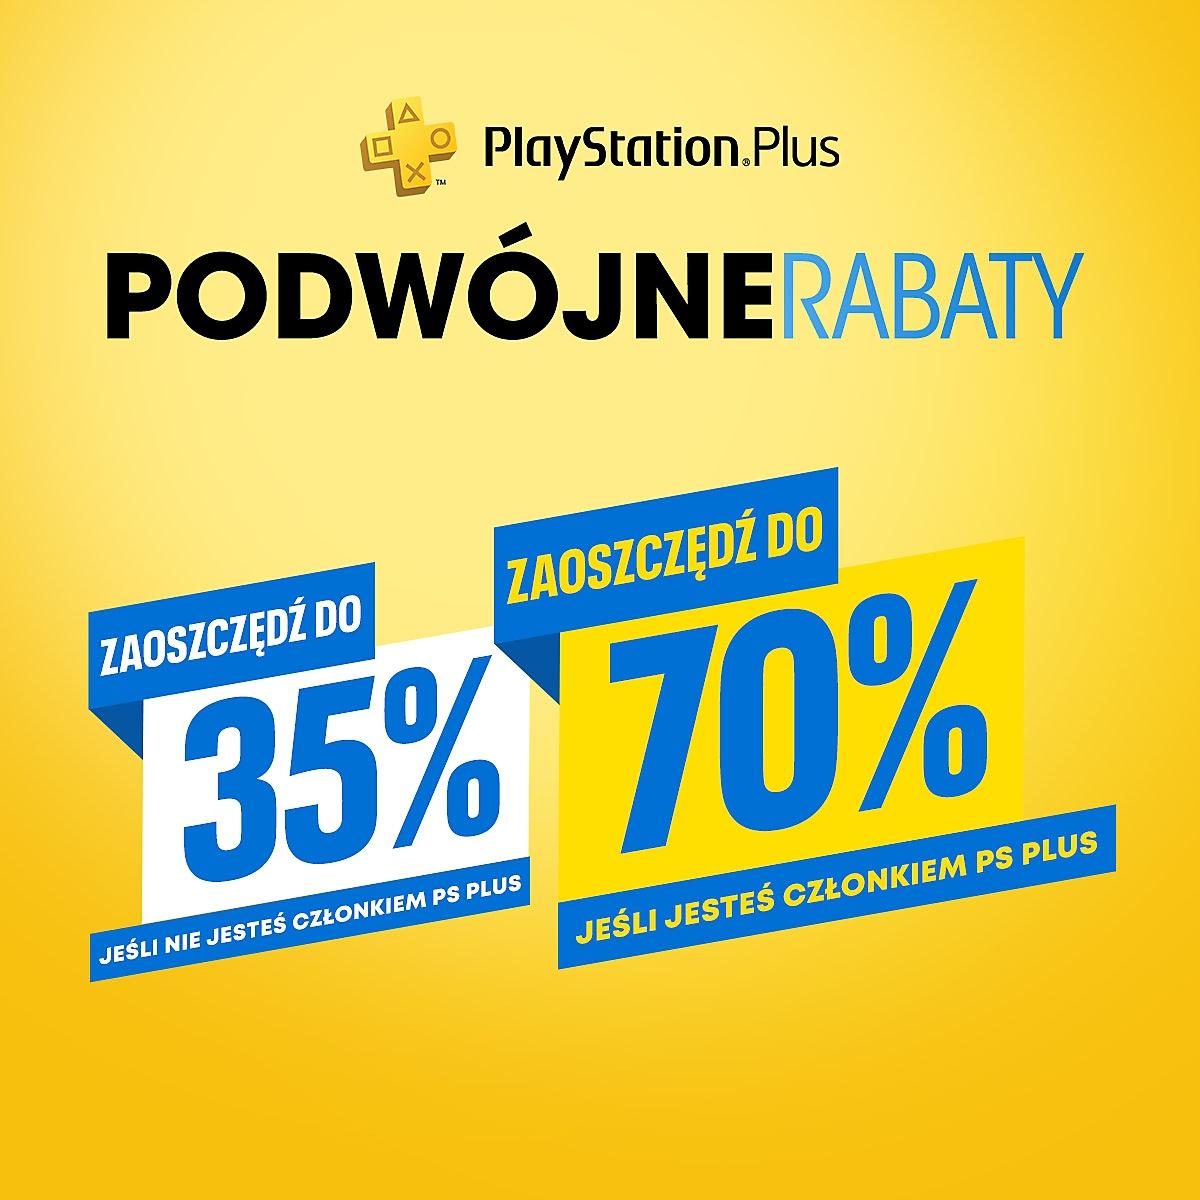 PlayStation Store – podwójne rabaty w PlayStation Plus